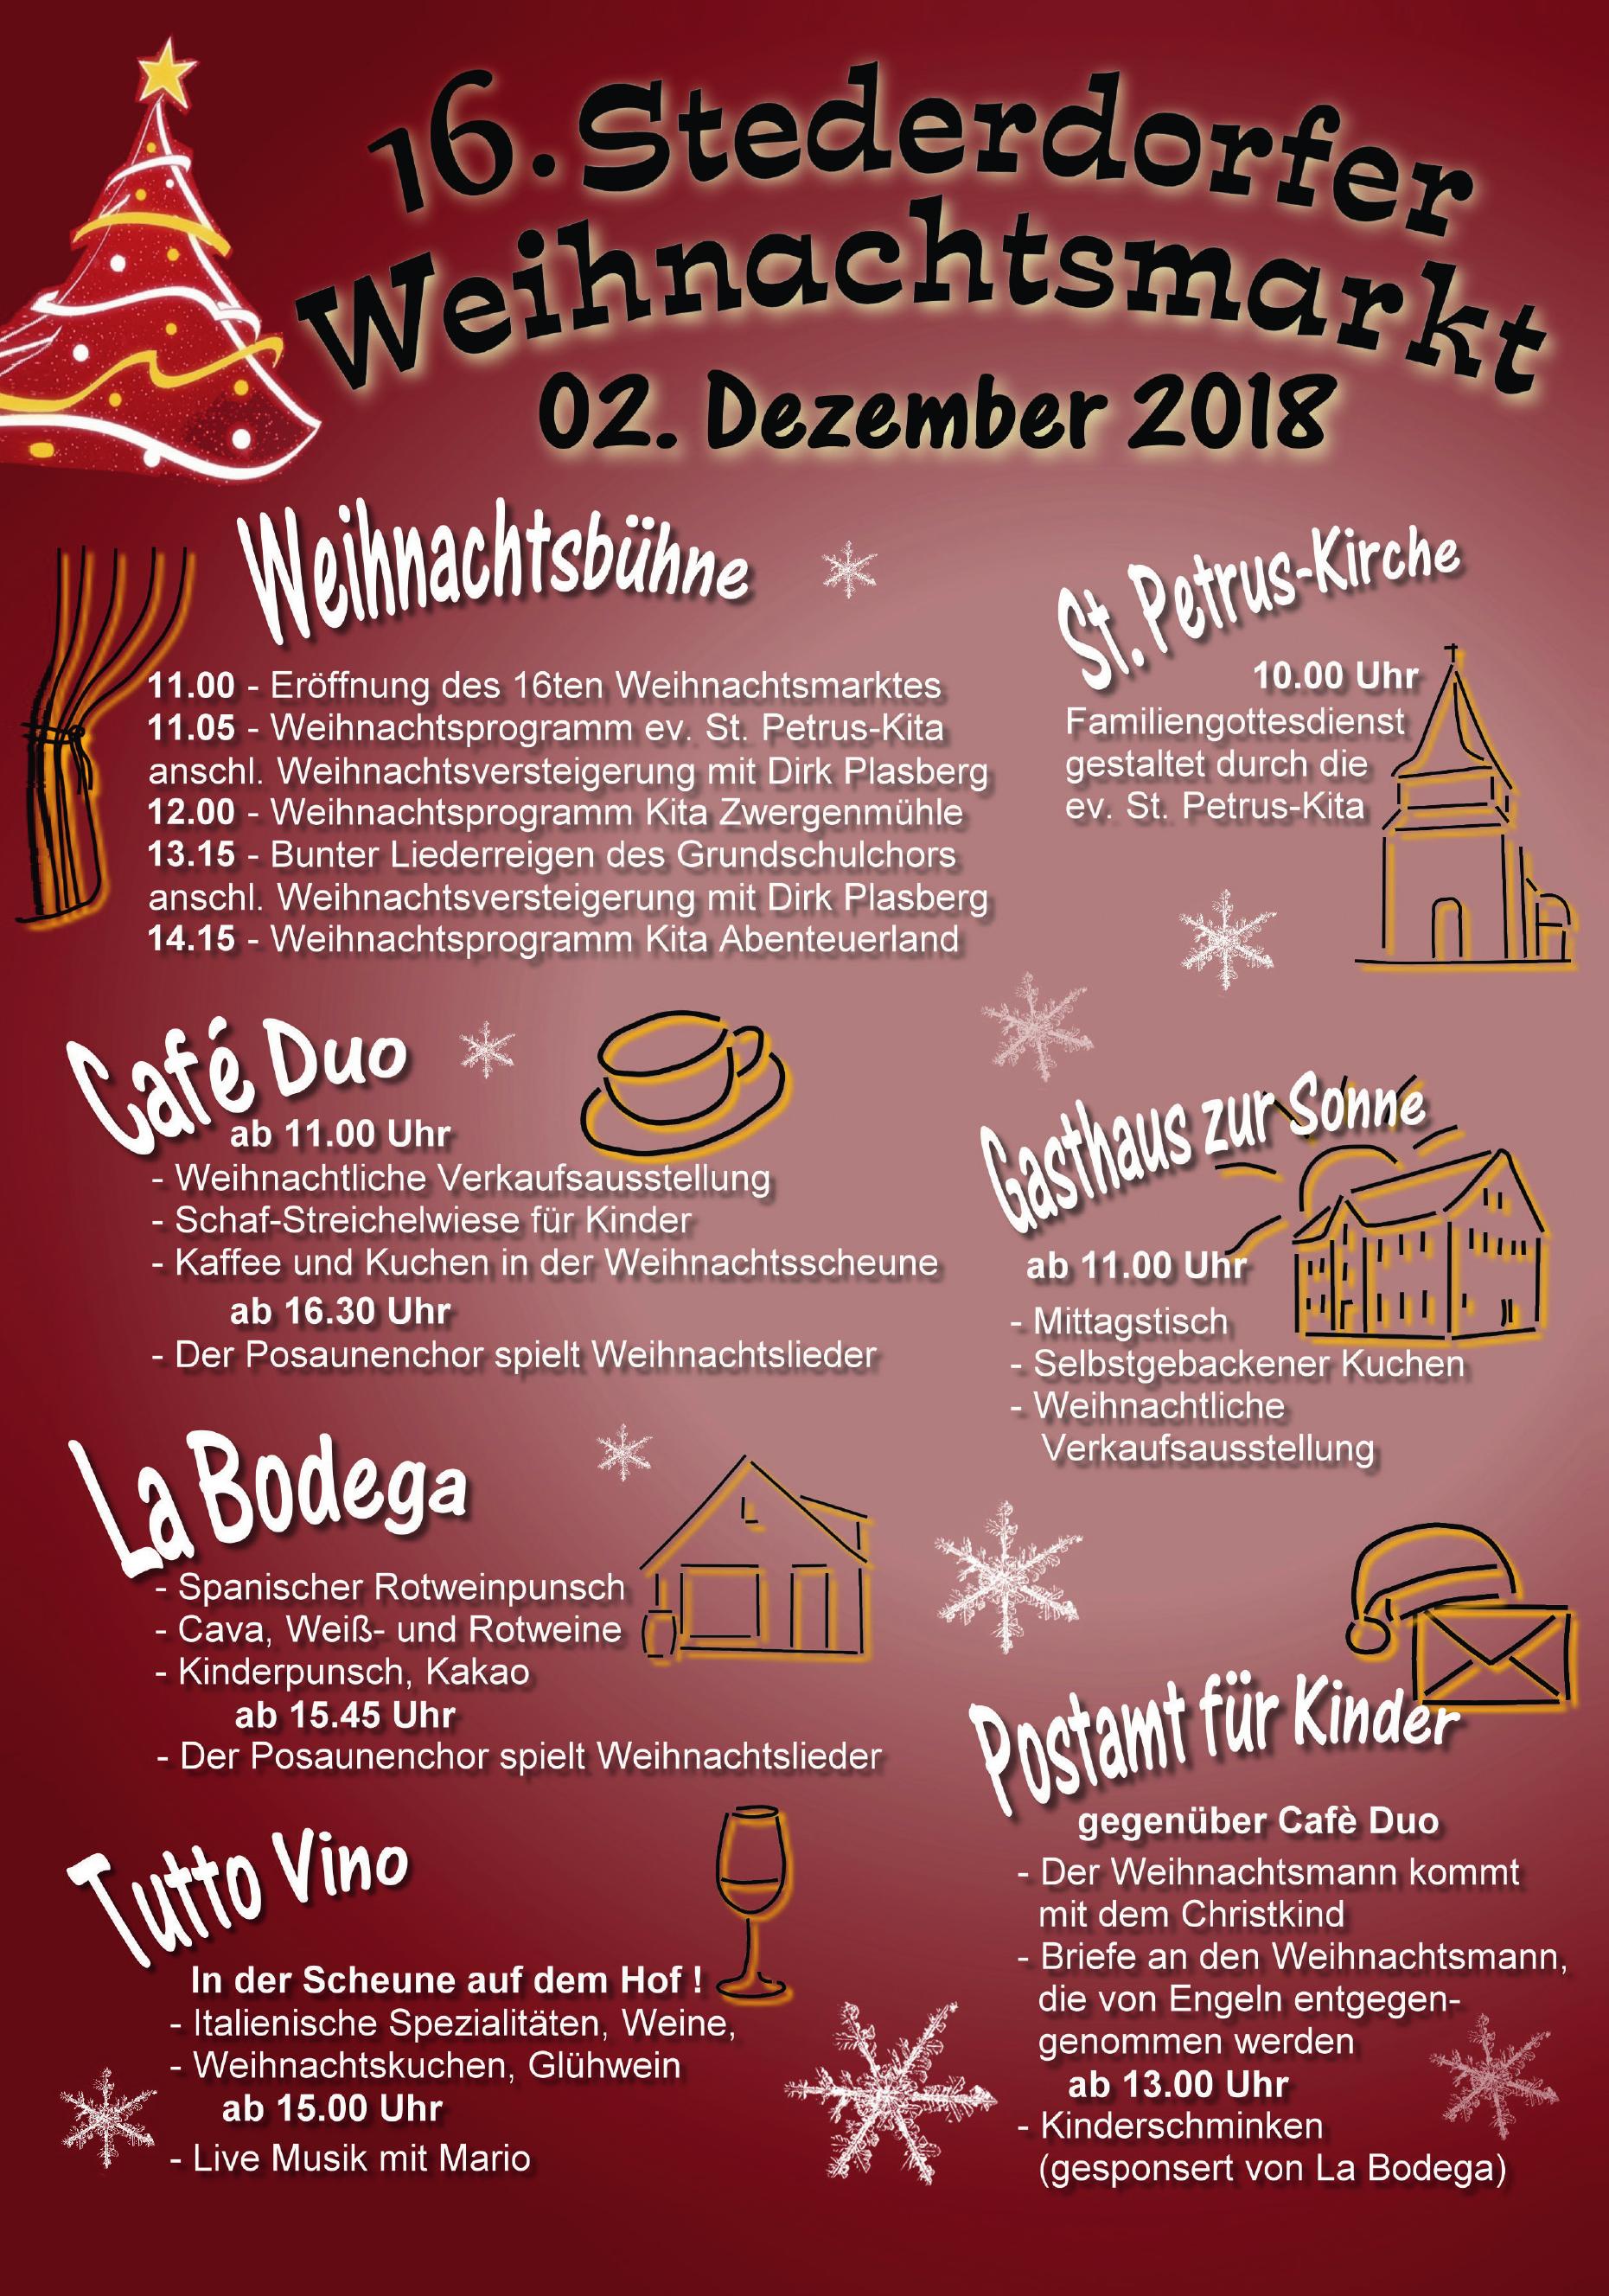 16. Stederdorfer Weihnachtsmarkt